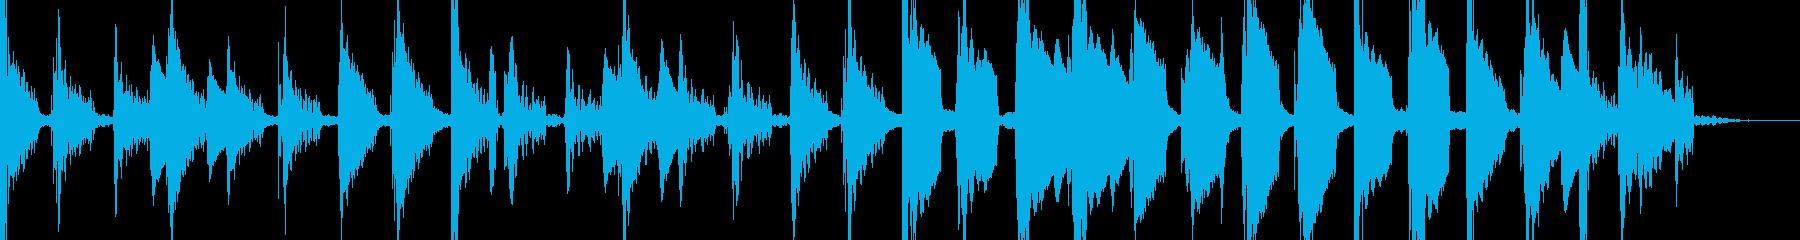 【10秒】企業/商品紹介BGM②スマートの再生済みの波形